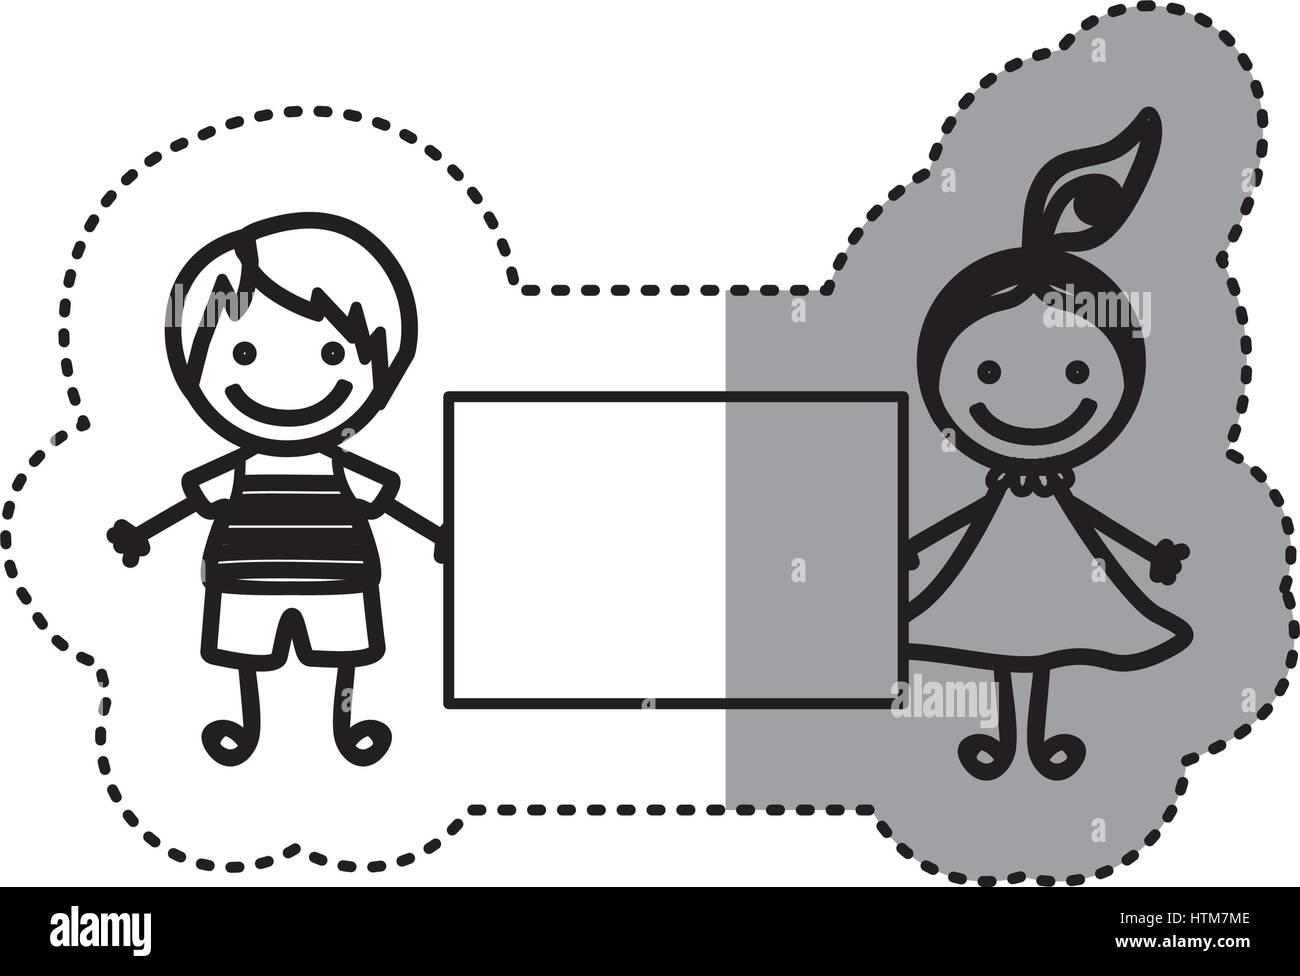 Pegatina silueta boceto caricatura pareja chico y chica con cola de cabello y banner Ilustración del Vector